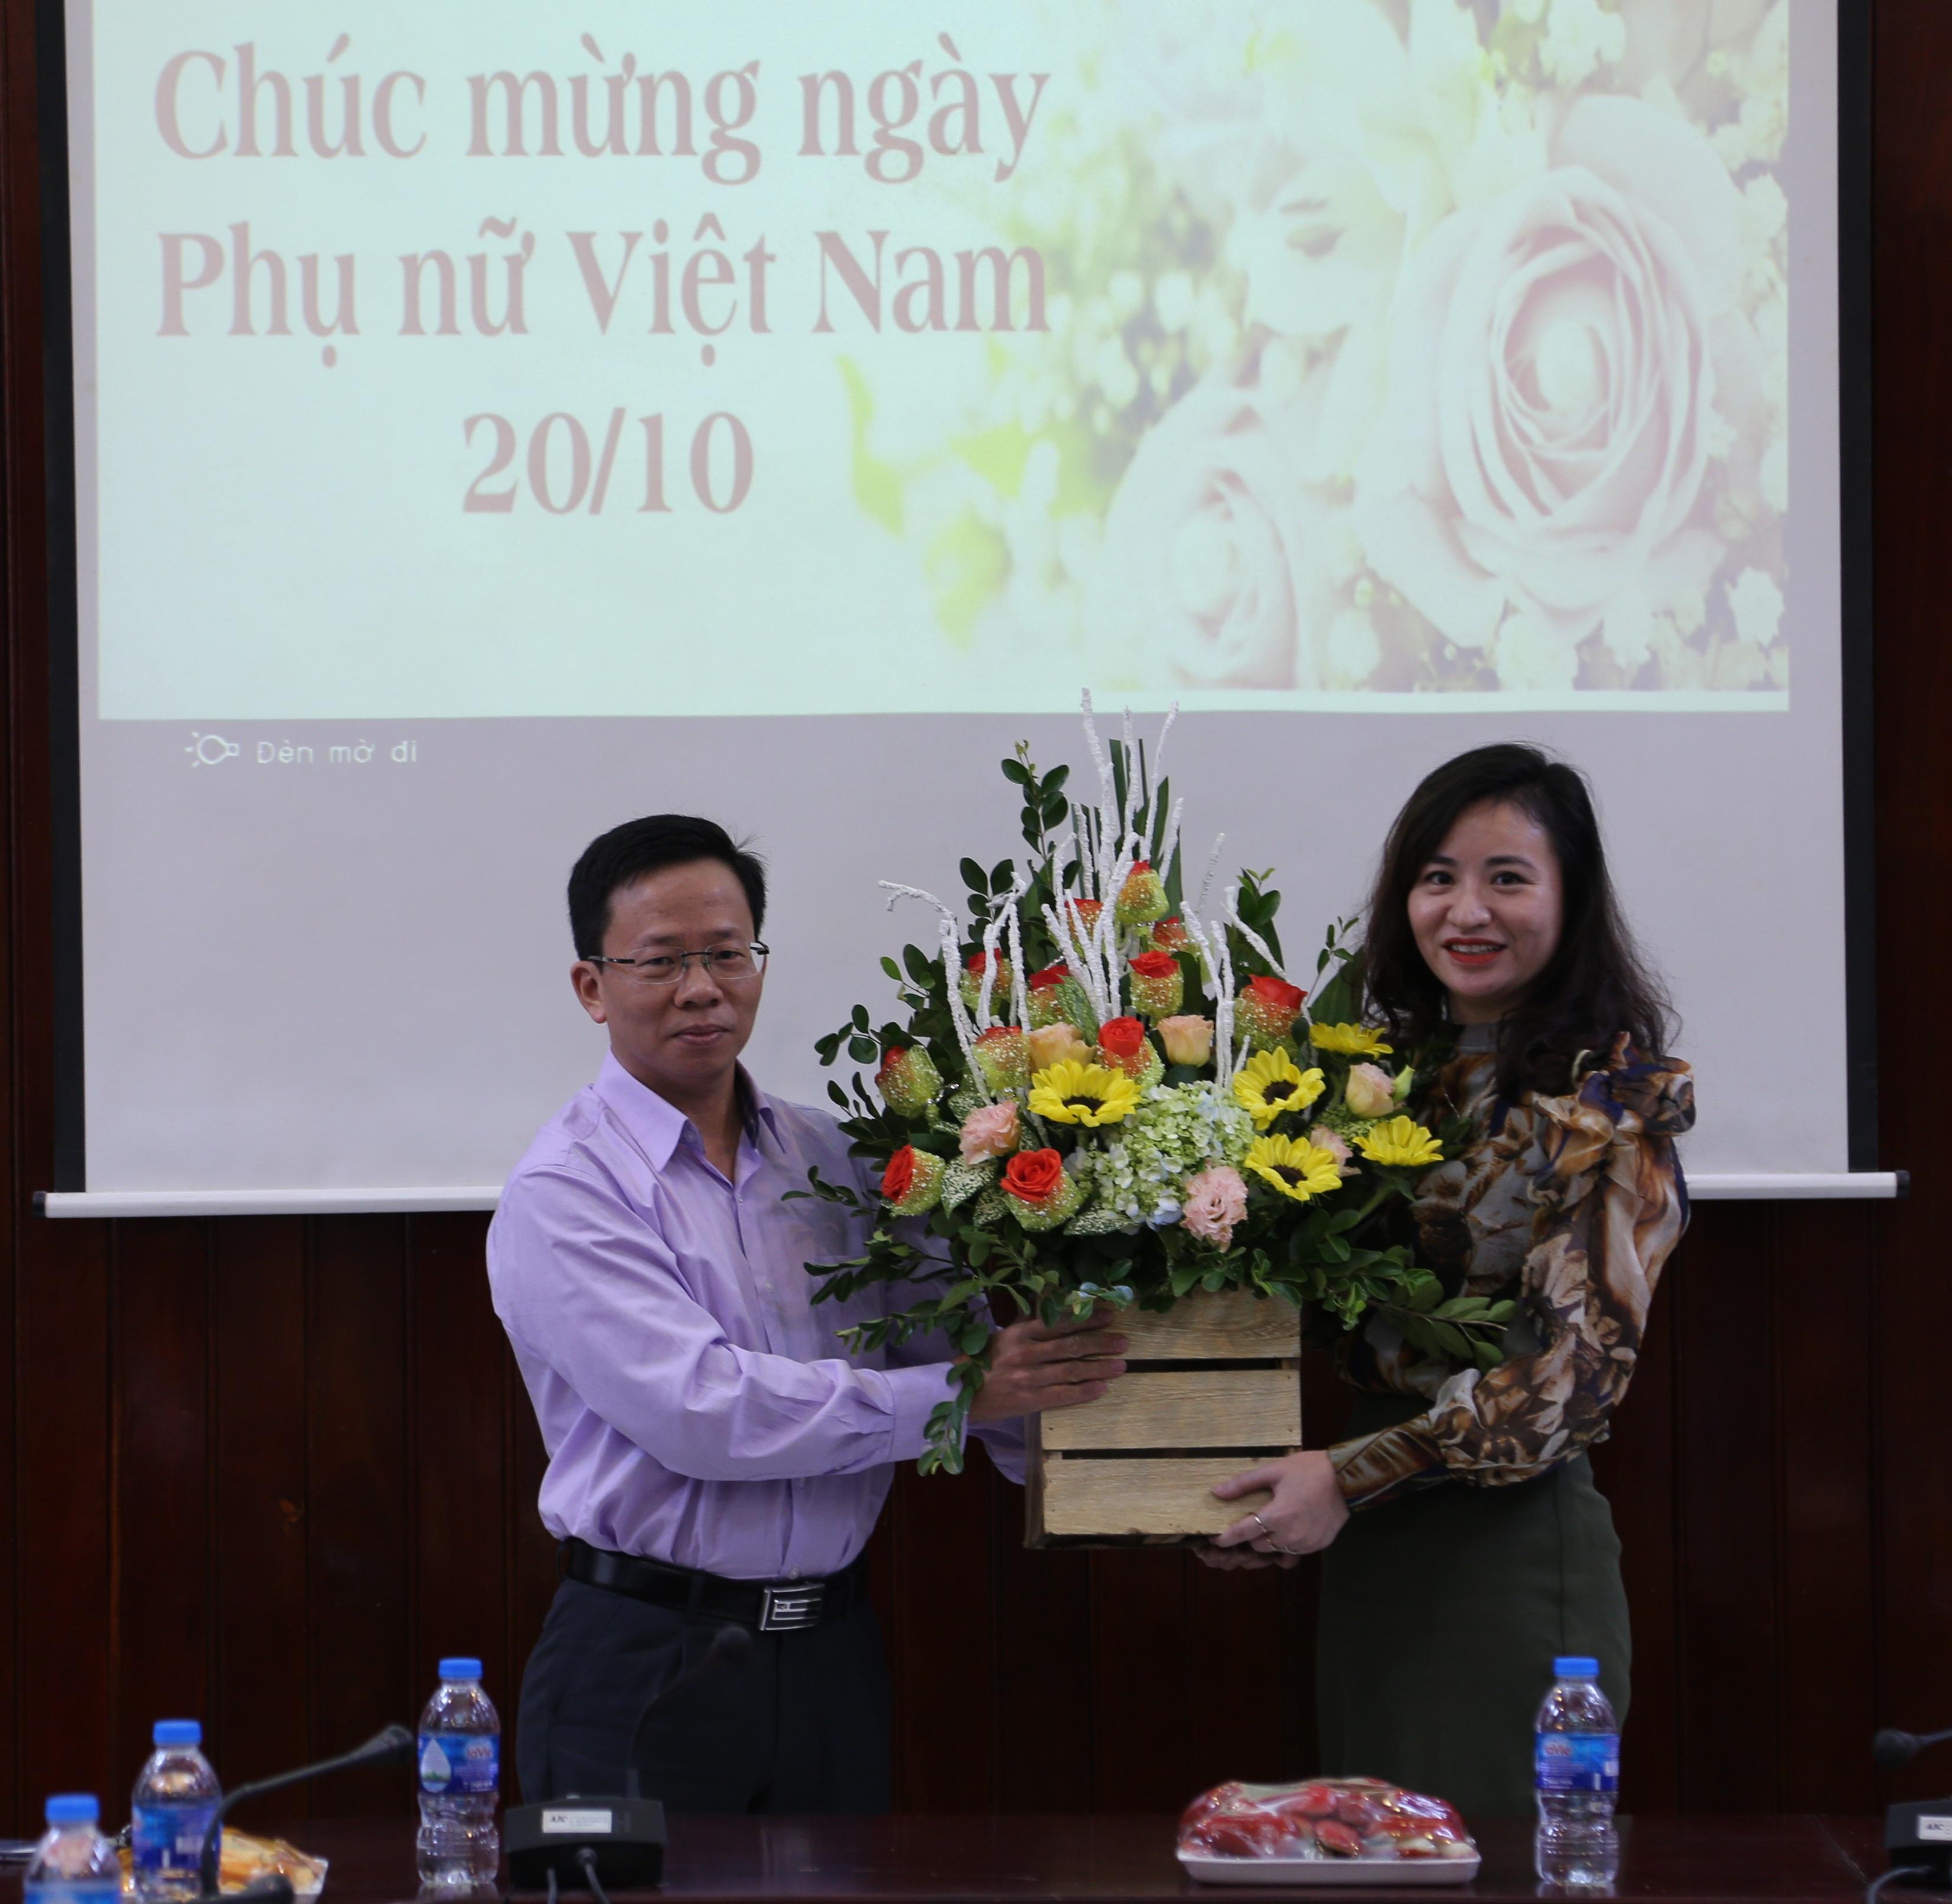 Trường ĐT&BD nghiệp vụ Kiểm toán tổ chức buổi gặp mặt kỷ niệm ngày Phụ nữ Việt Nam 20/10